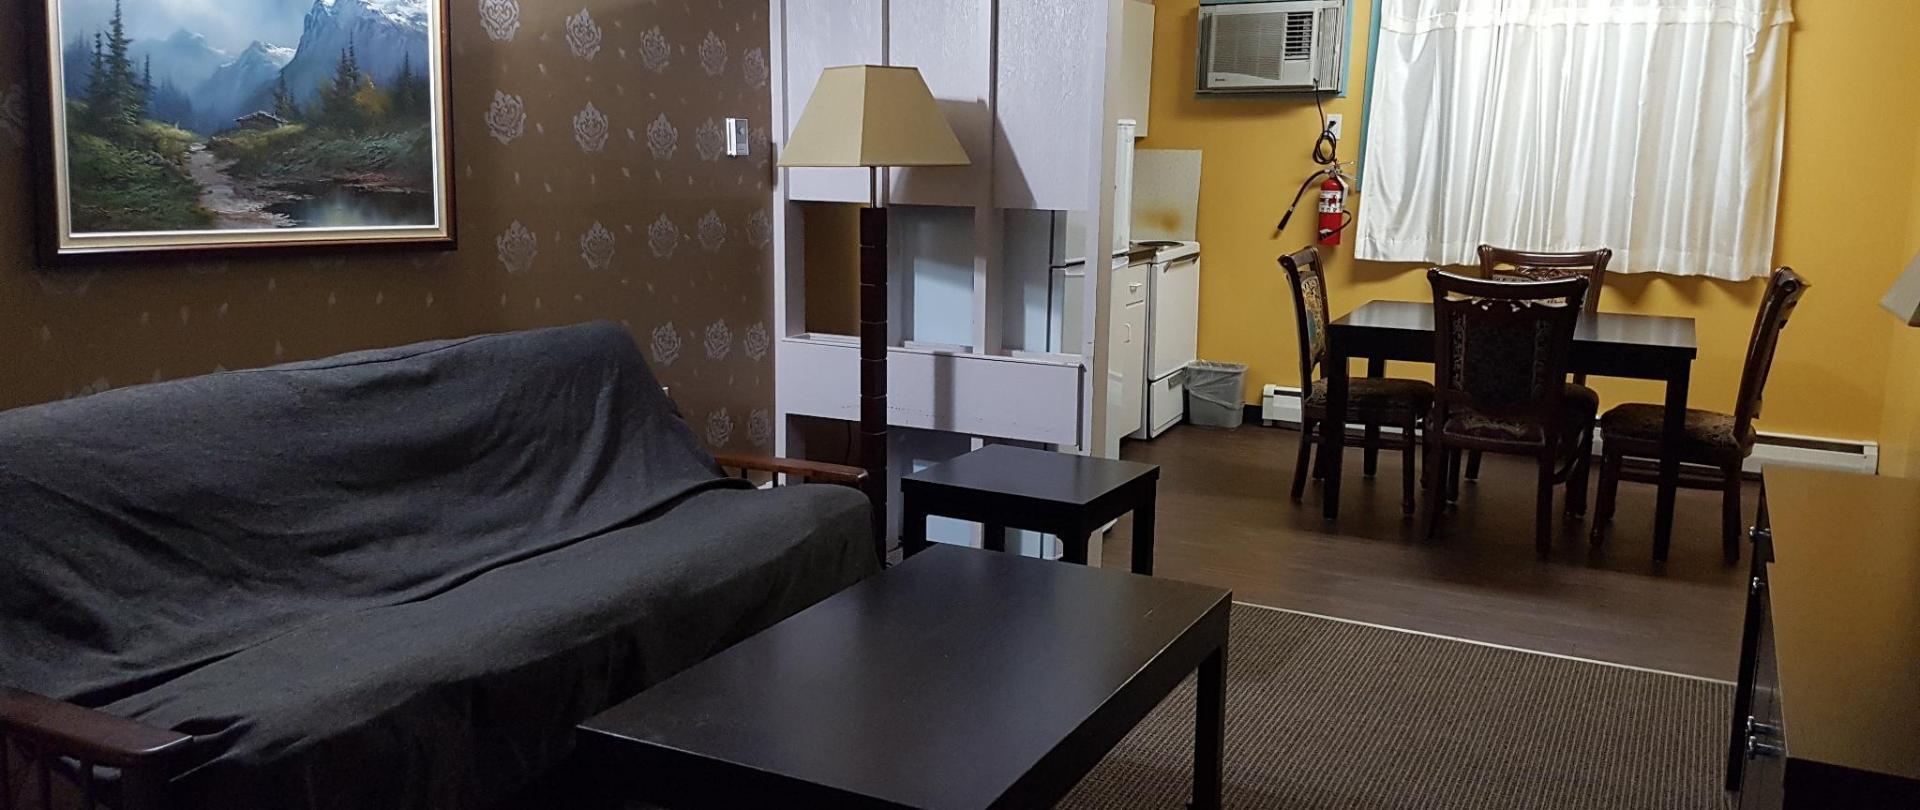 One Bedroom Kitchen Suite -- Living Room.jpg